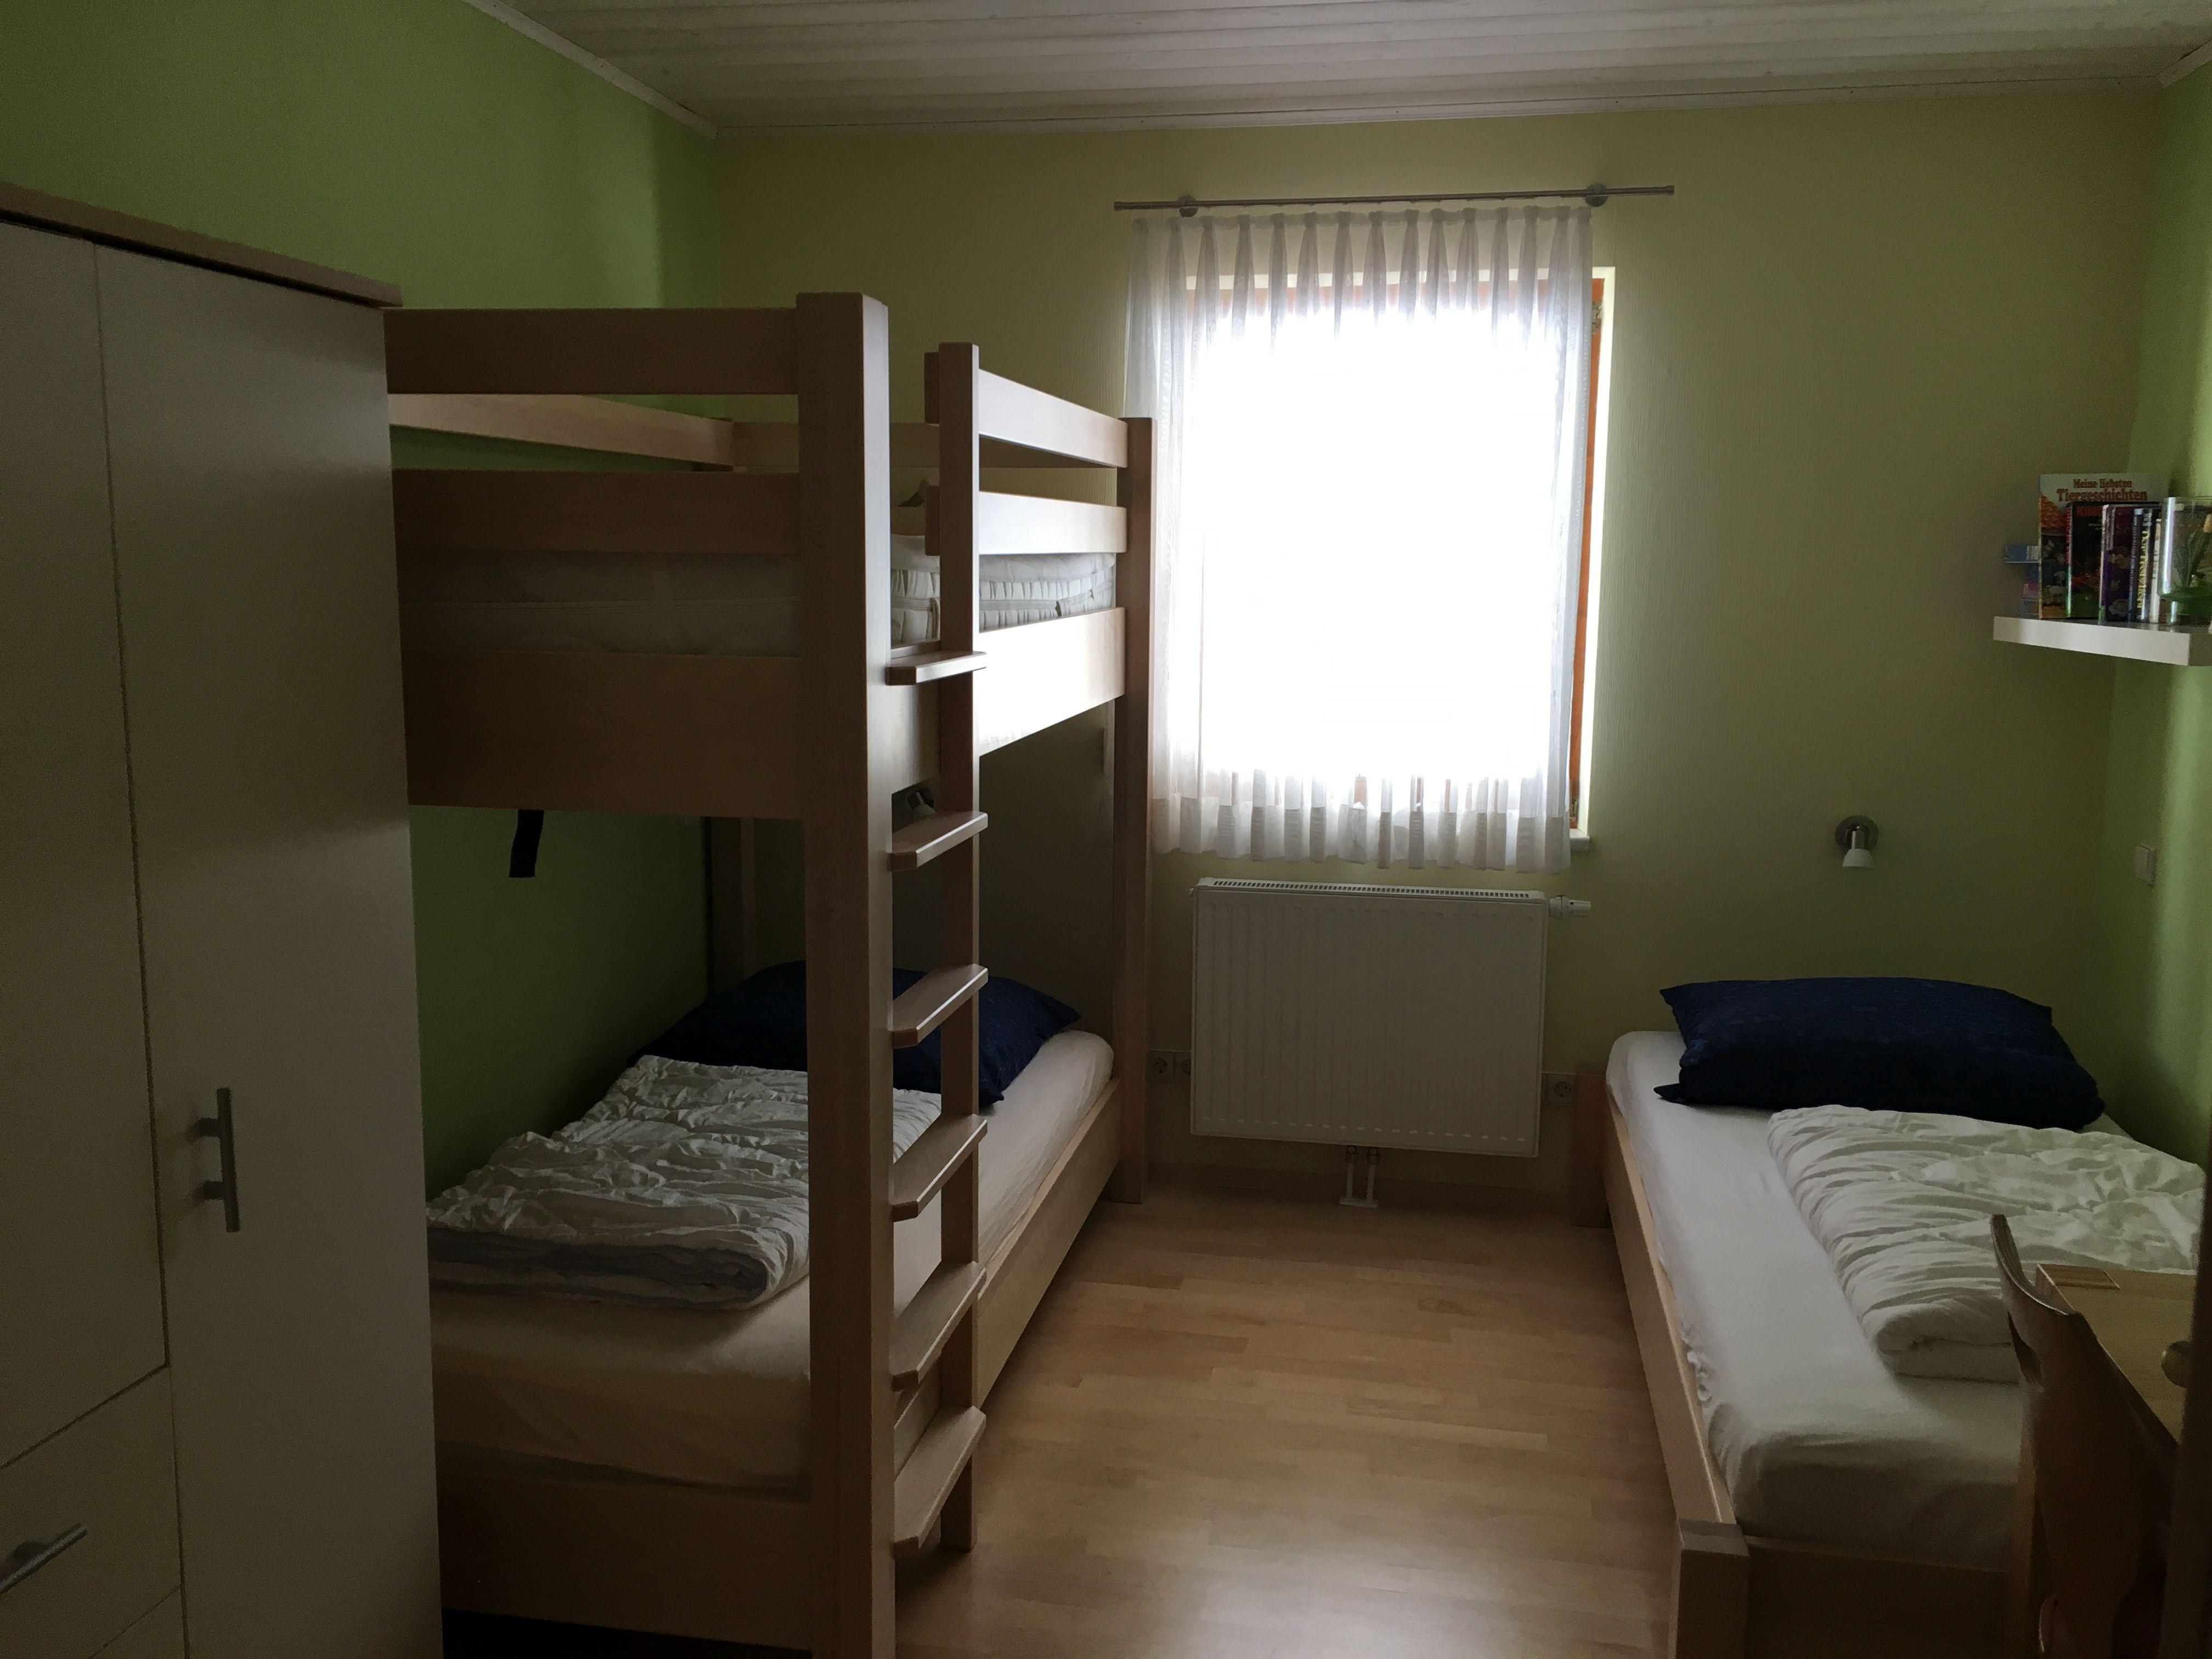 Schlafzimmer 3:Zur Auswahl stehen 3 Betten...